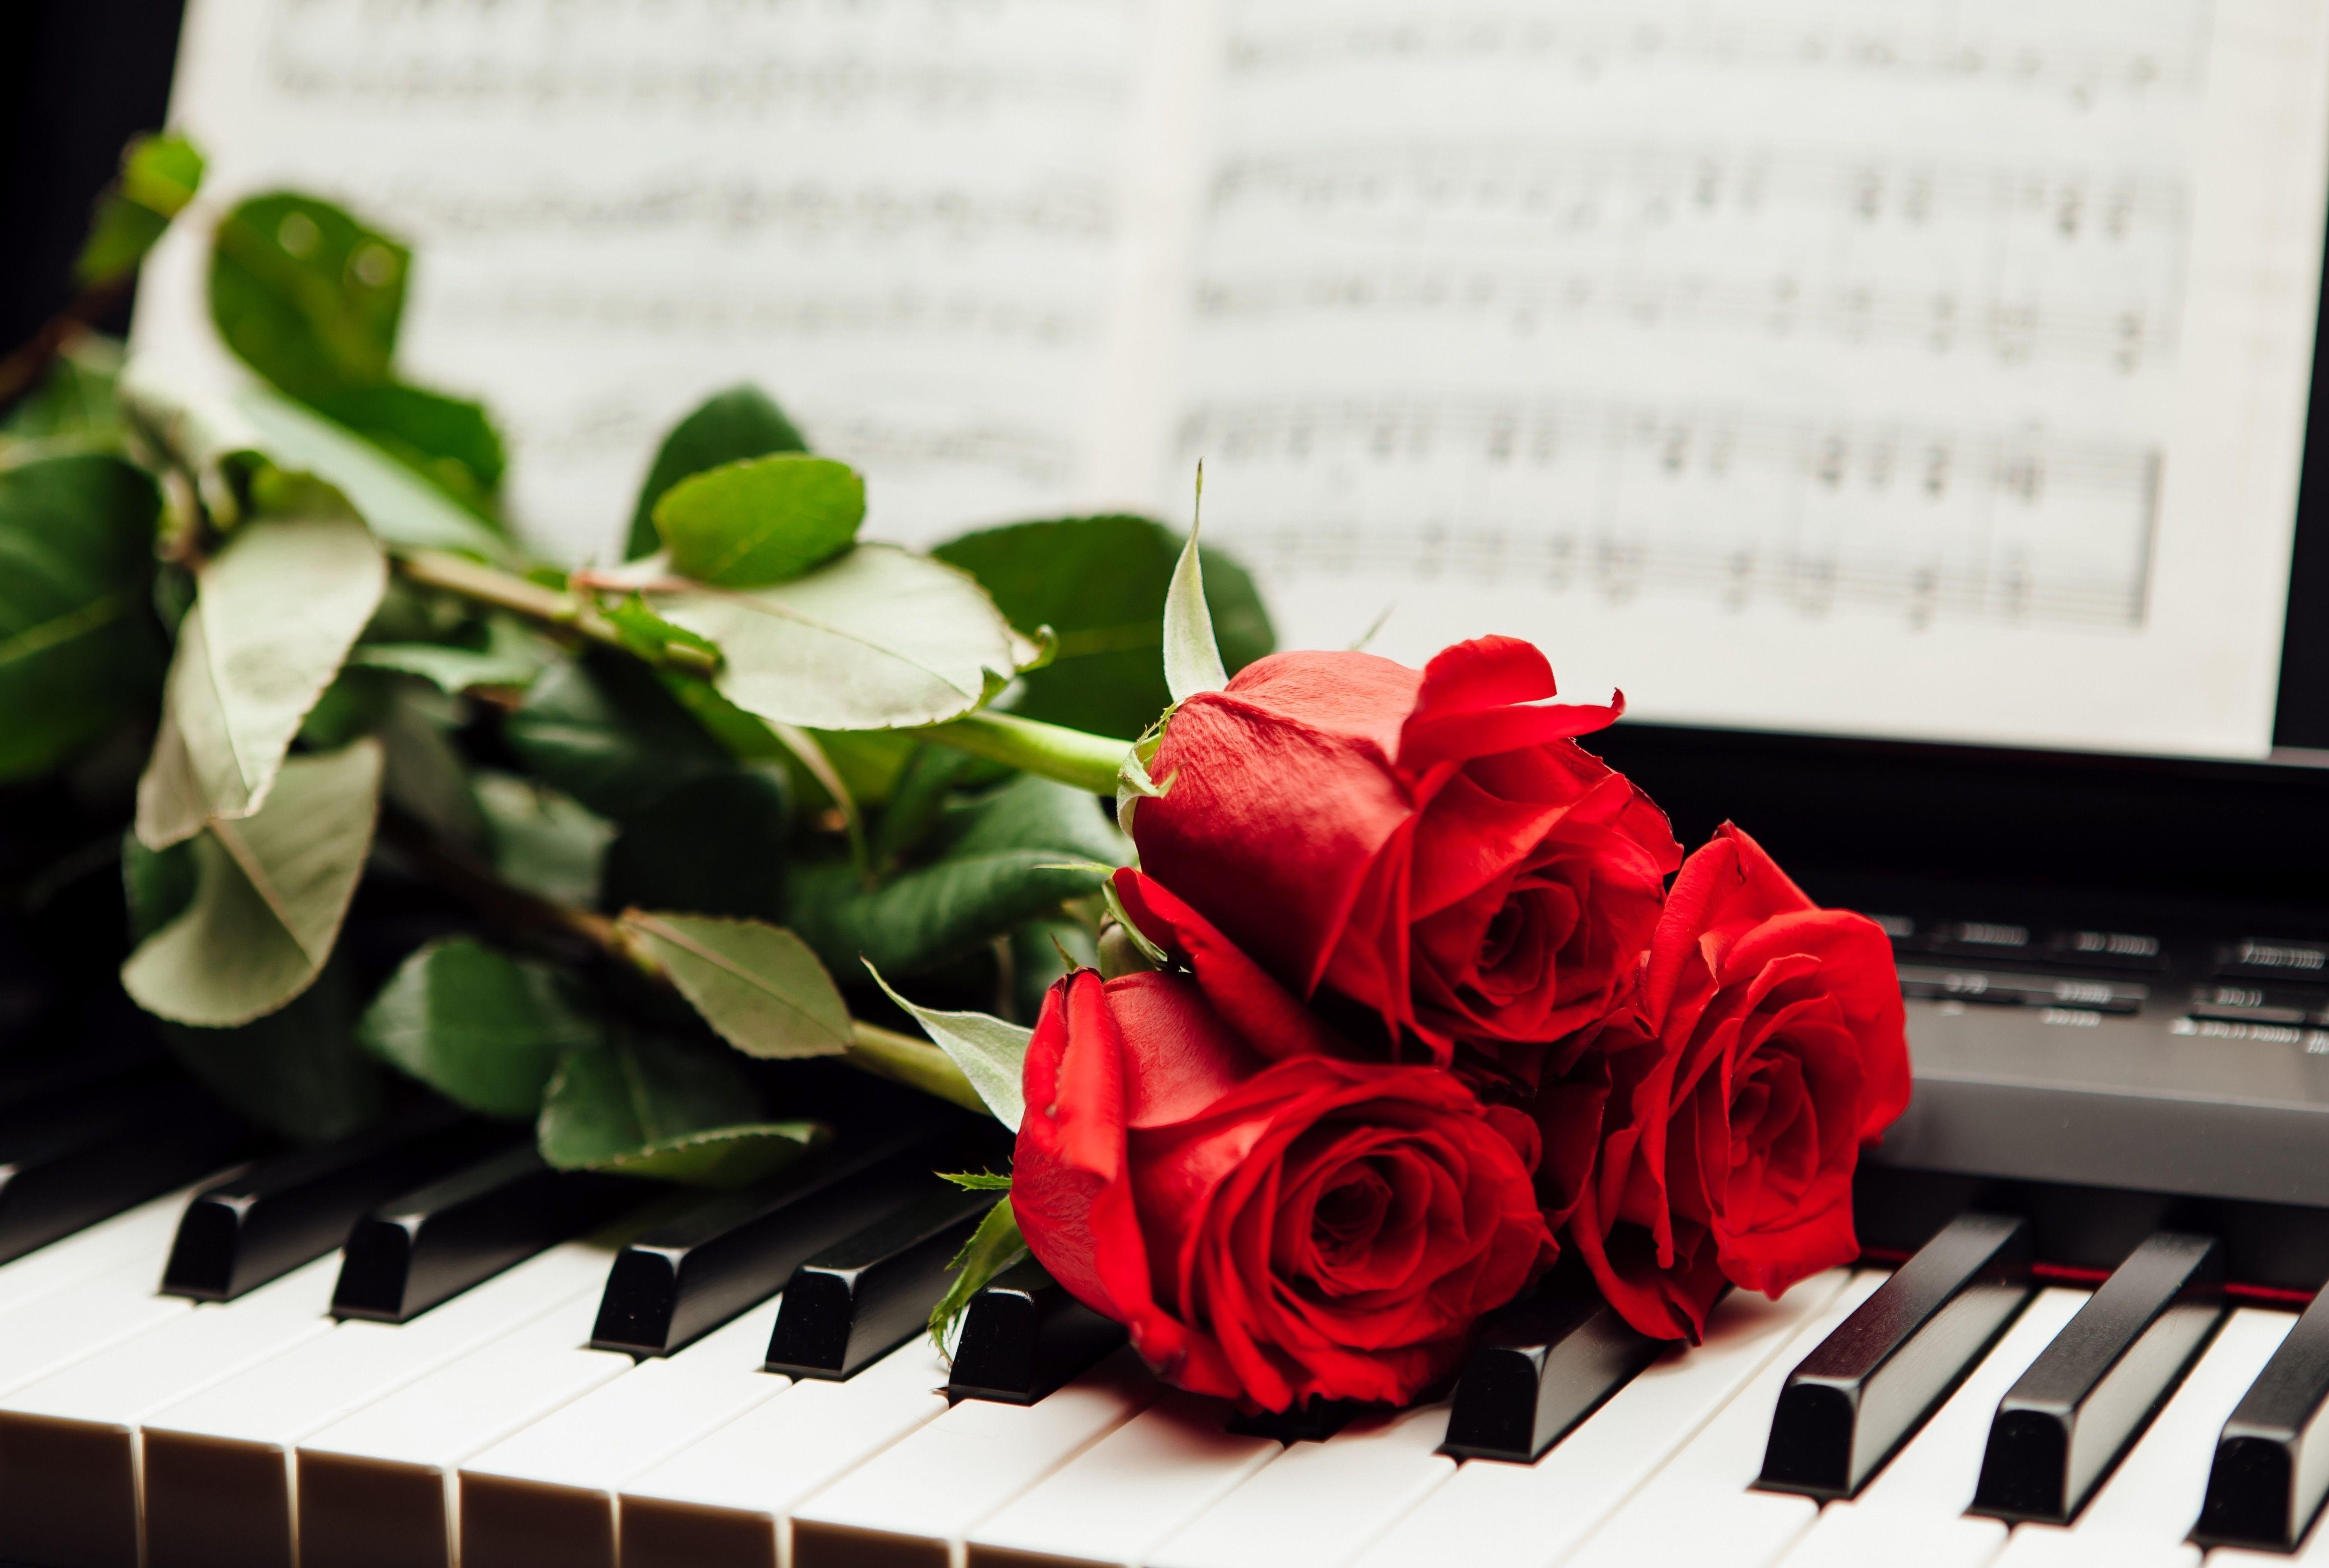 Картинка с клавишами и цветами